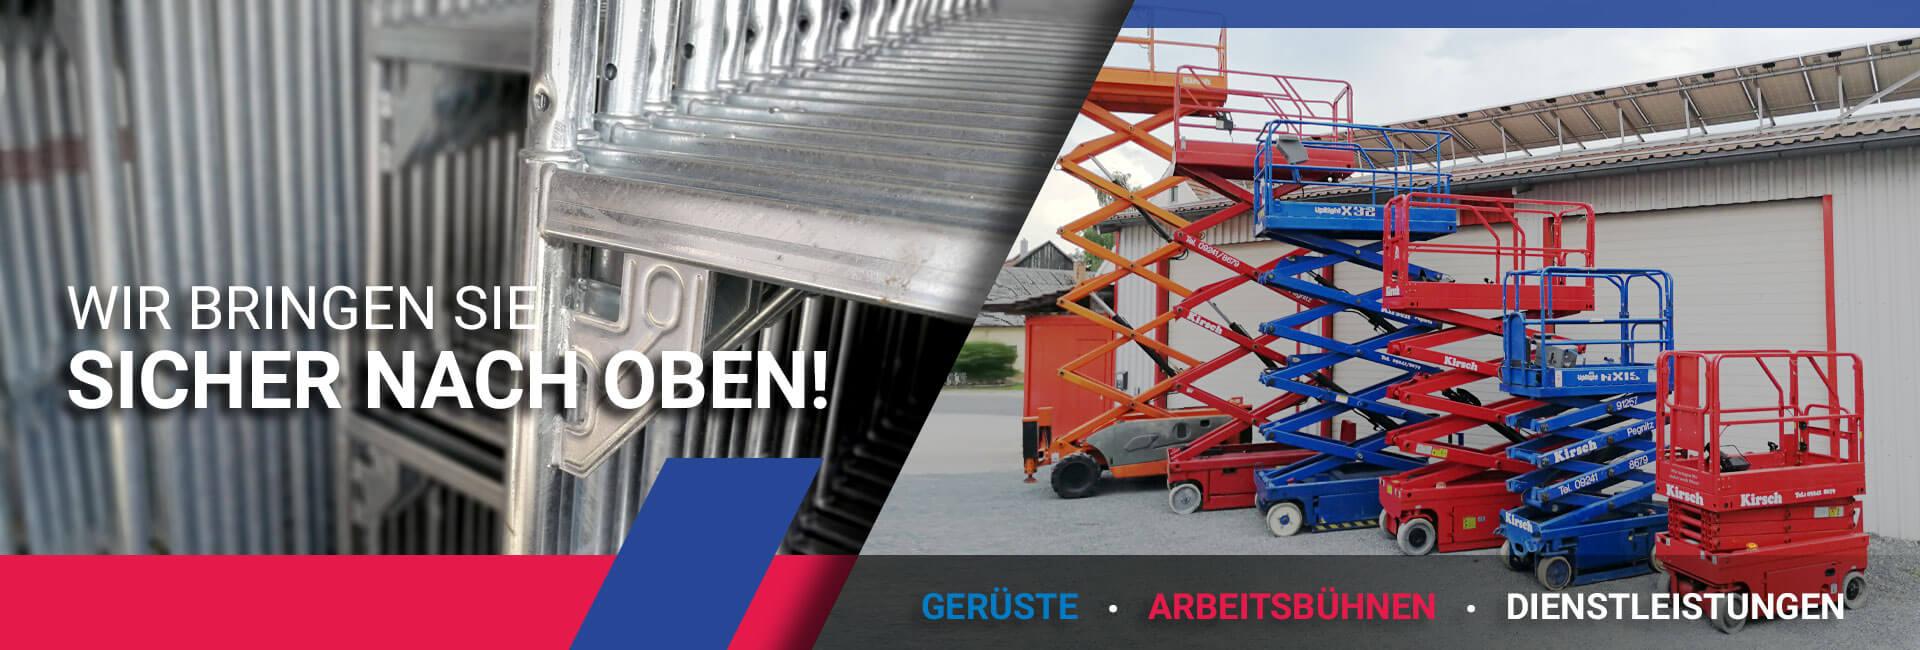 Helmut Kirsch GmbH in Pegnitz - Arbeitsbühnen & Gerüste